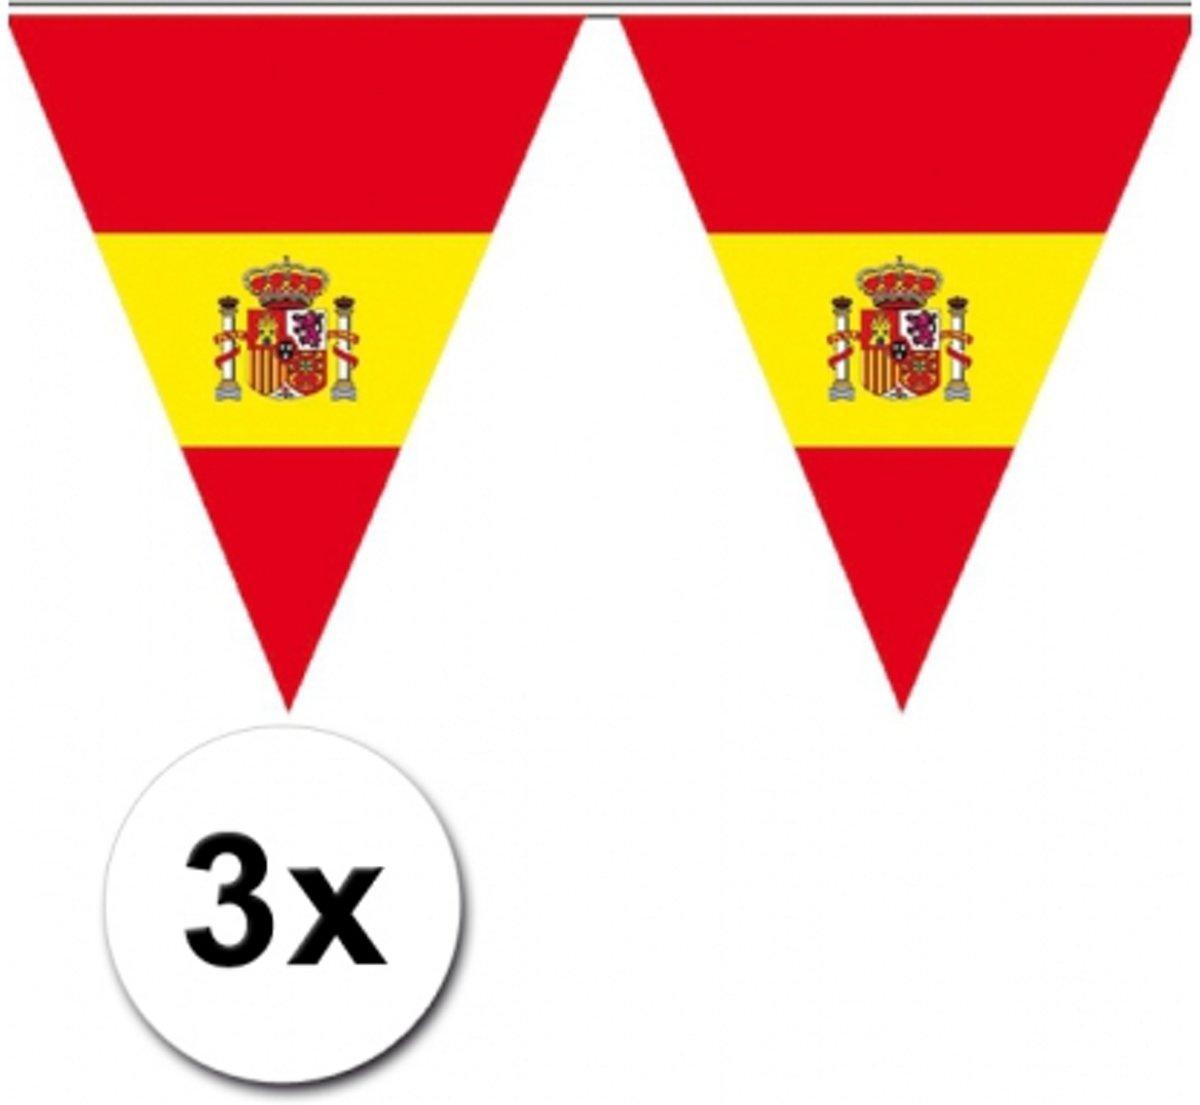 3x Spaanse vlaggenlijn - versiering